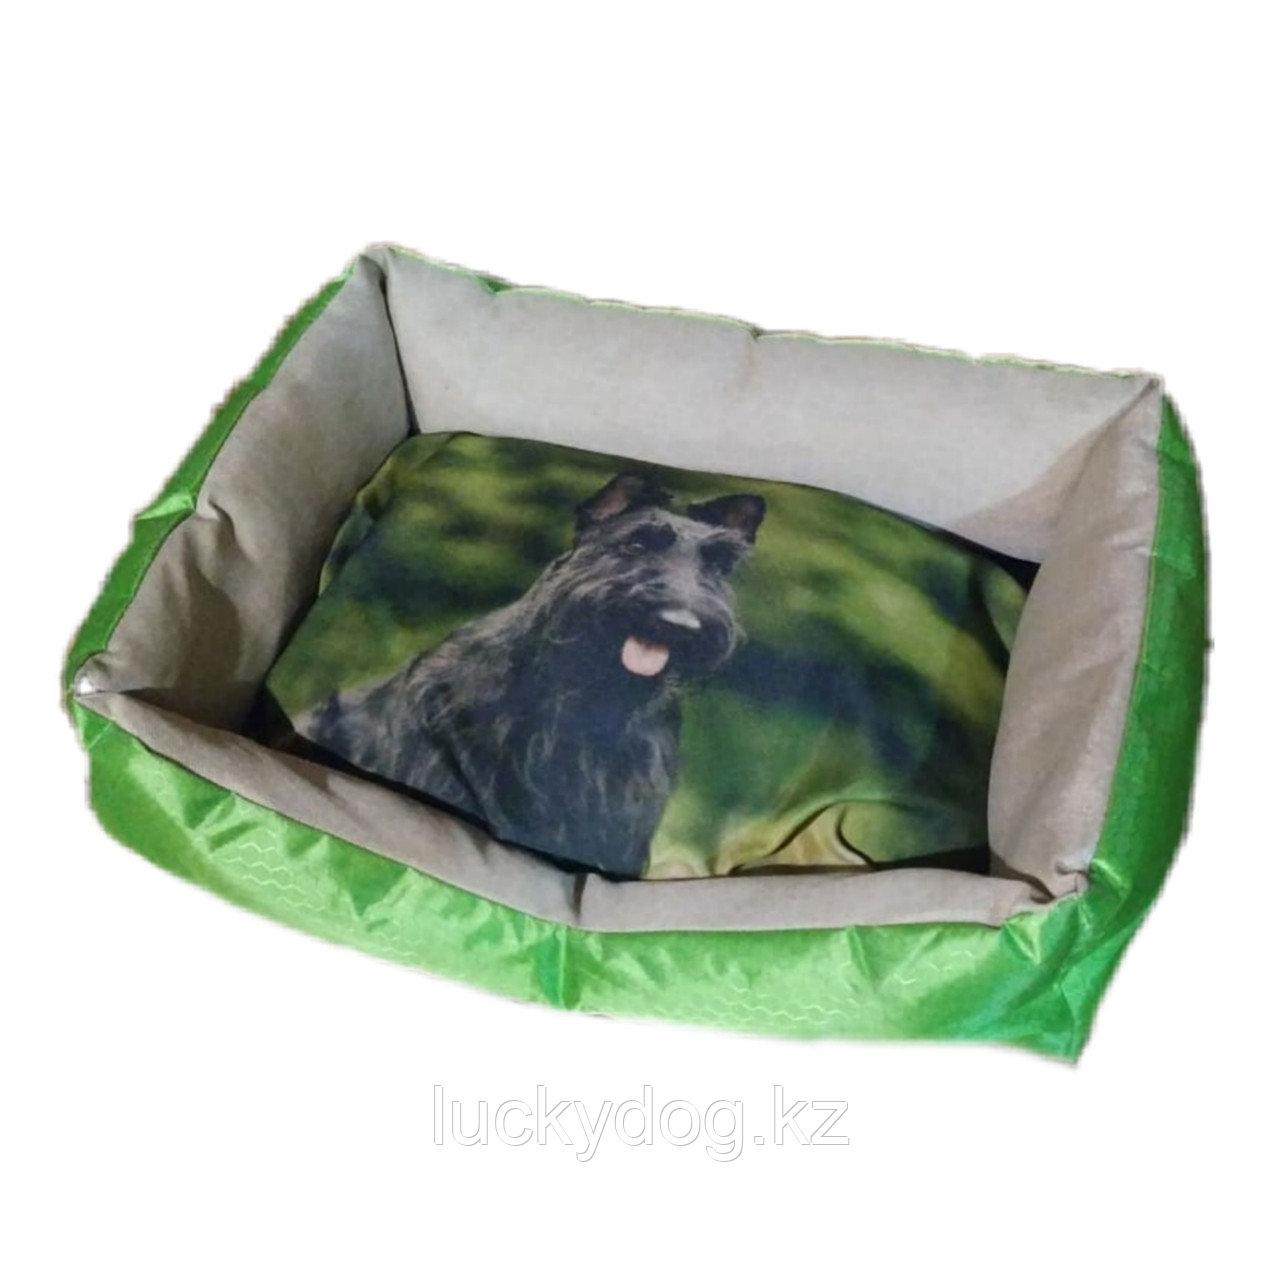 Лежак с рисунком собаки , большой размер .